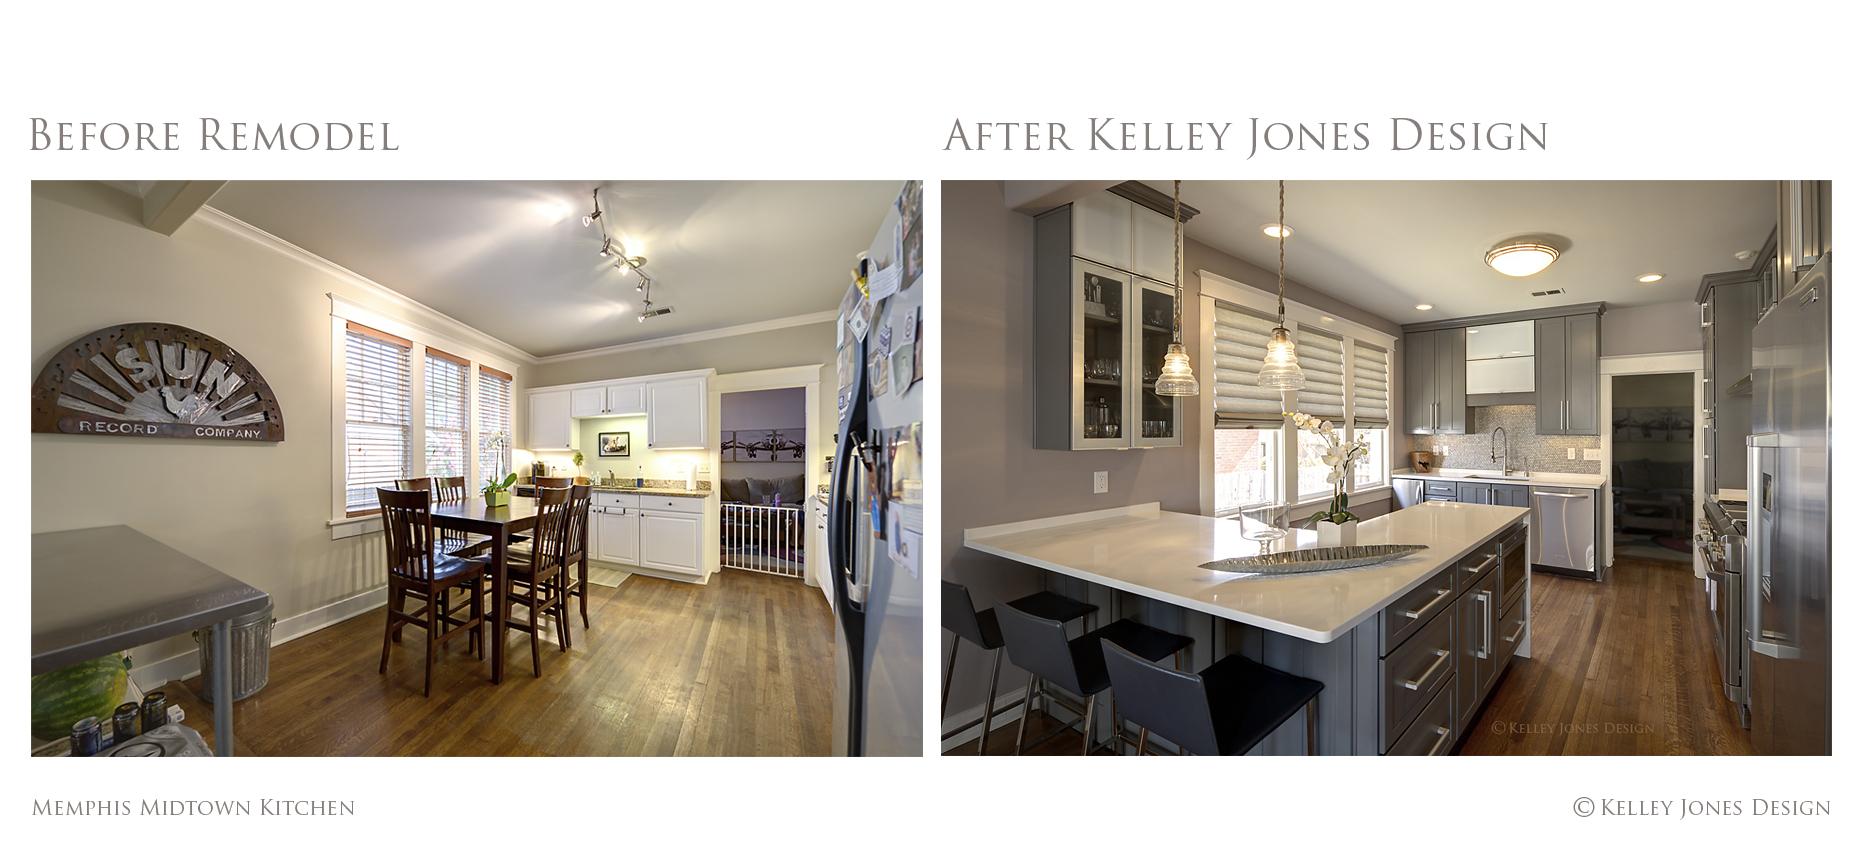 3-memphis-midtown-kitchen-remodel-before-after-kelley-jones-design.jpg